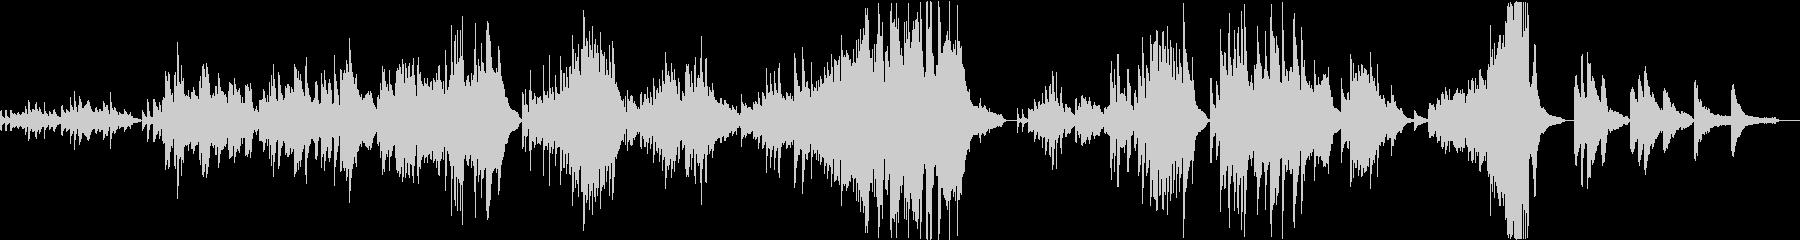 願う事より願い続けるピアノバラードの未再生の波形